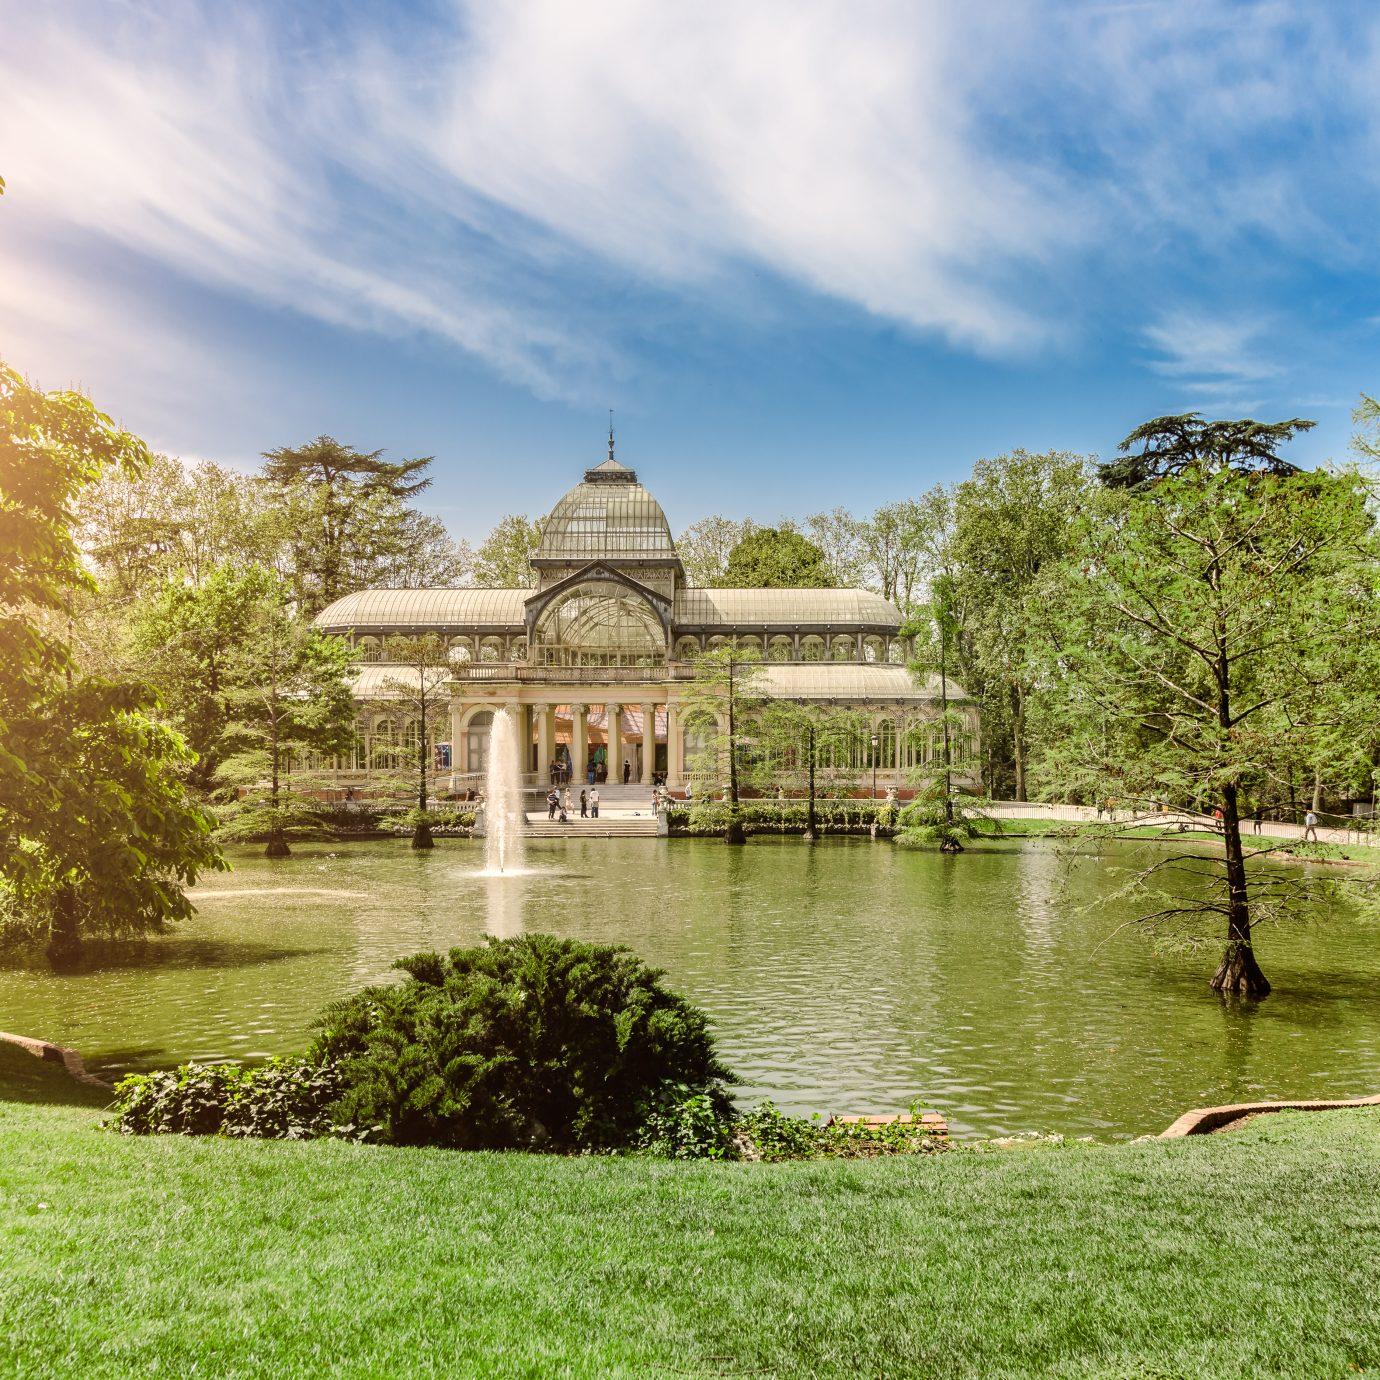 Crystal Palace (Palacio de Cristal) Madrid, Retiro Park